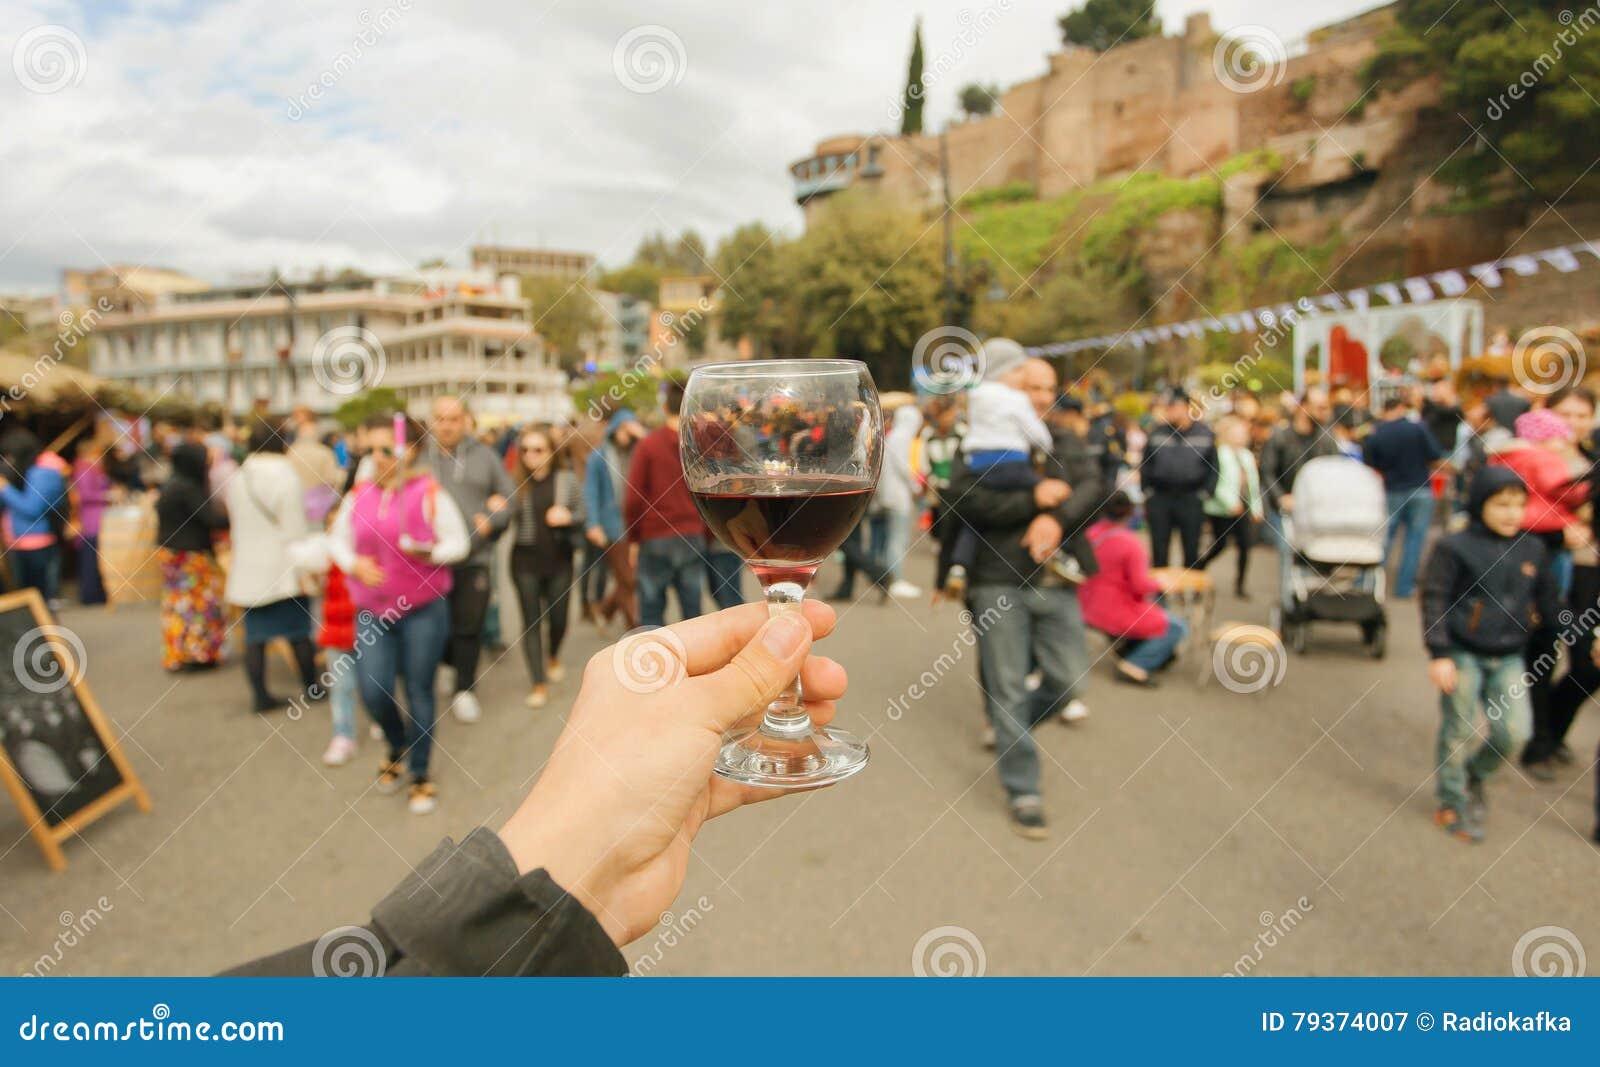 Vele mensen met families die de vieringsstraten met wijn lopen tijdens festival Tbilisoba Tbilisi, het land van Georgië